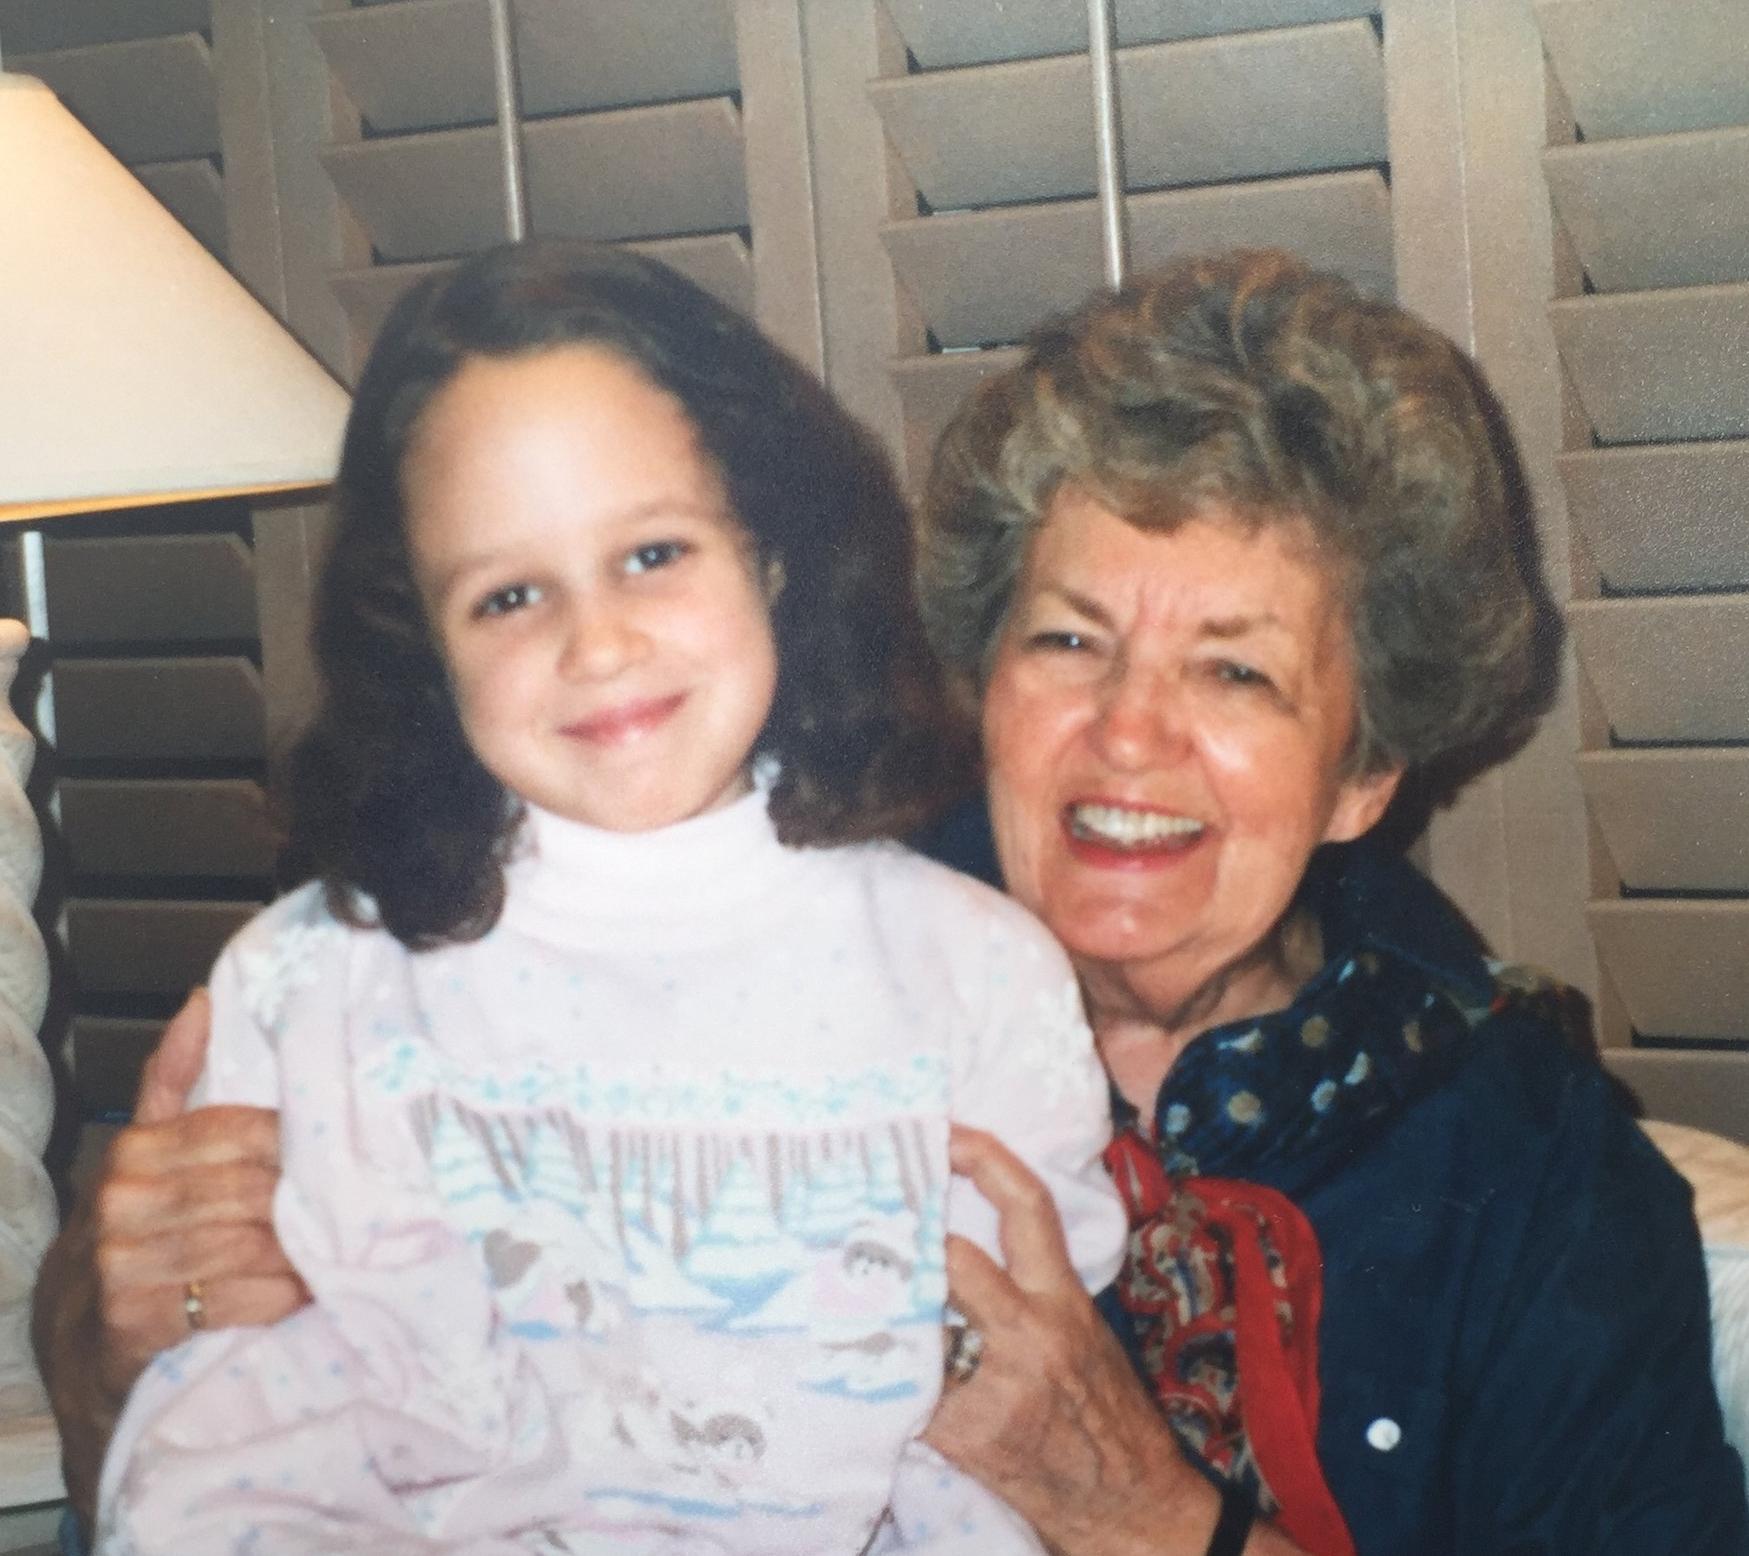 Becca & Grandma.jpg